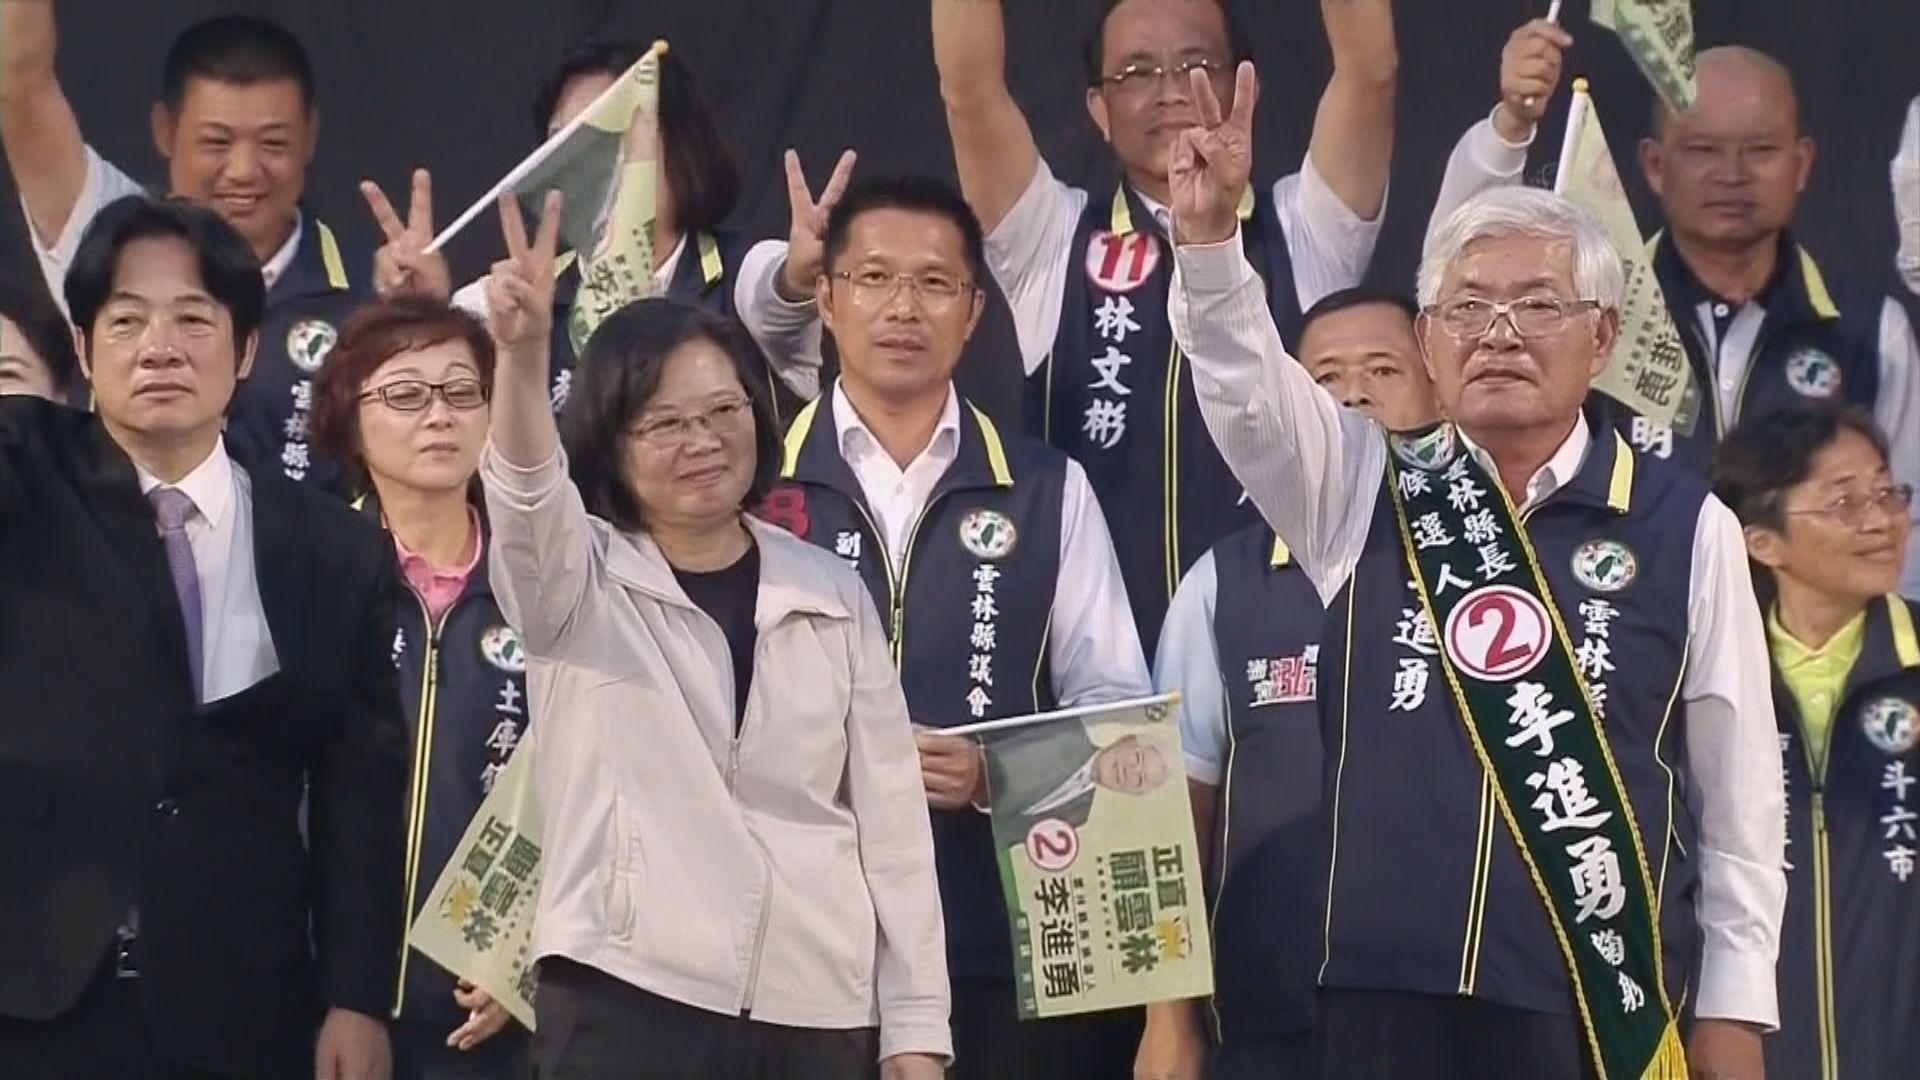 台灣九合一選舉 藍綠陣營攻守角色互換